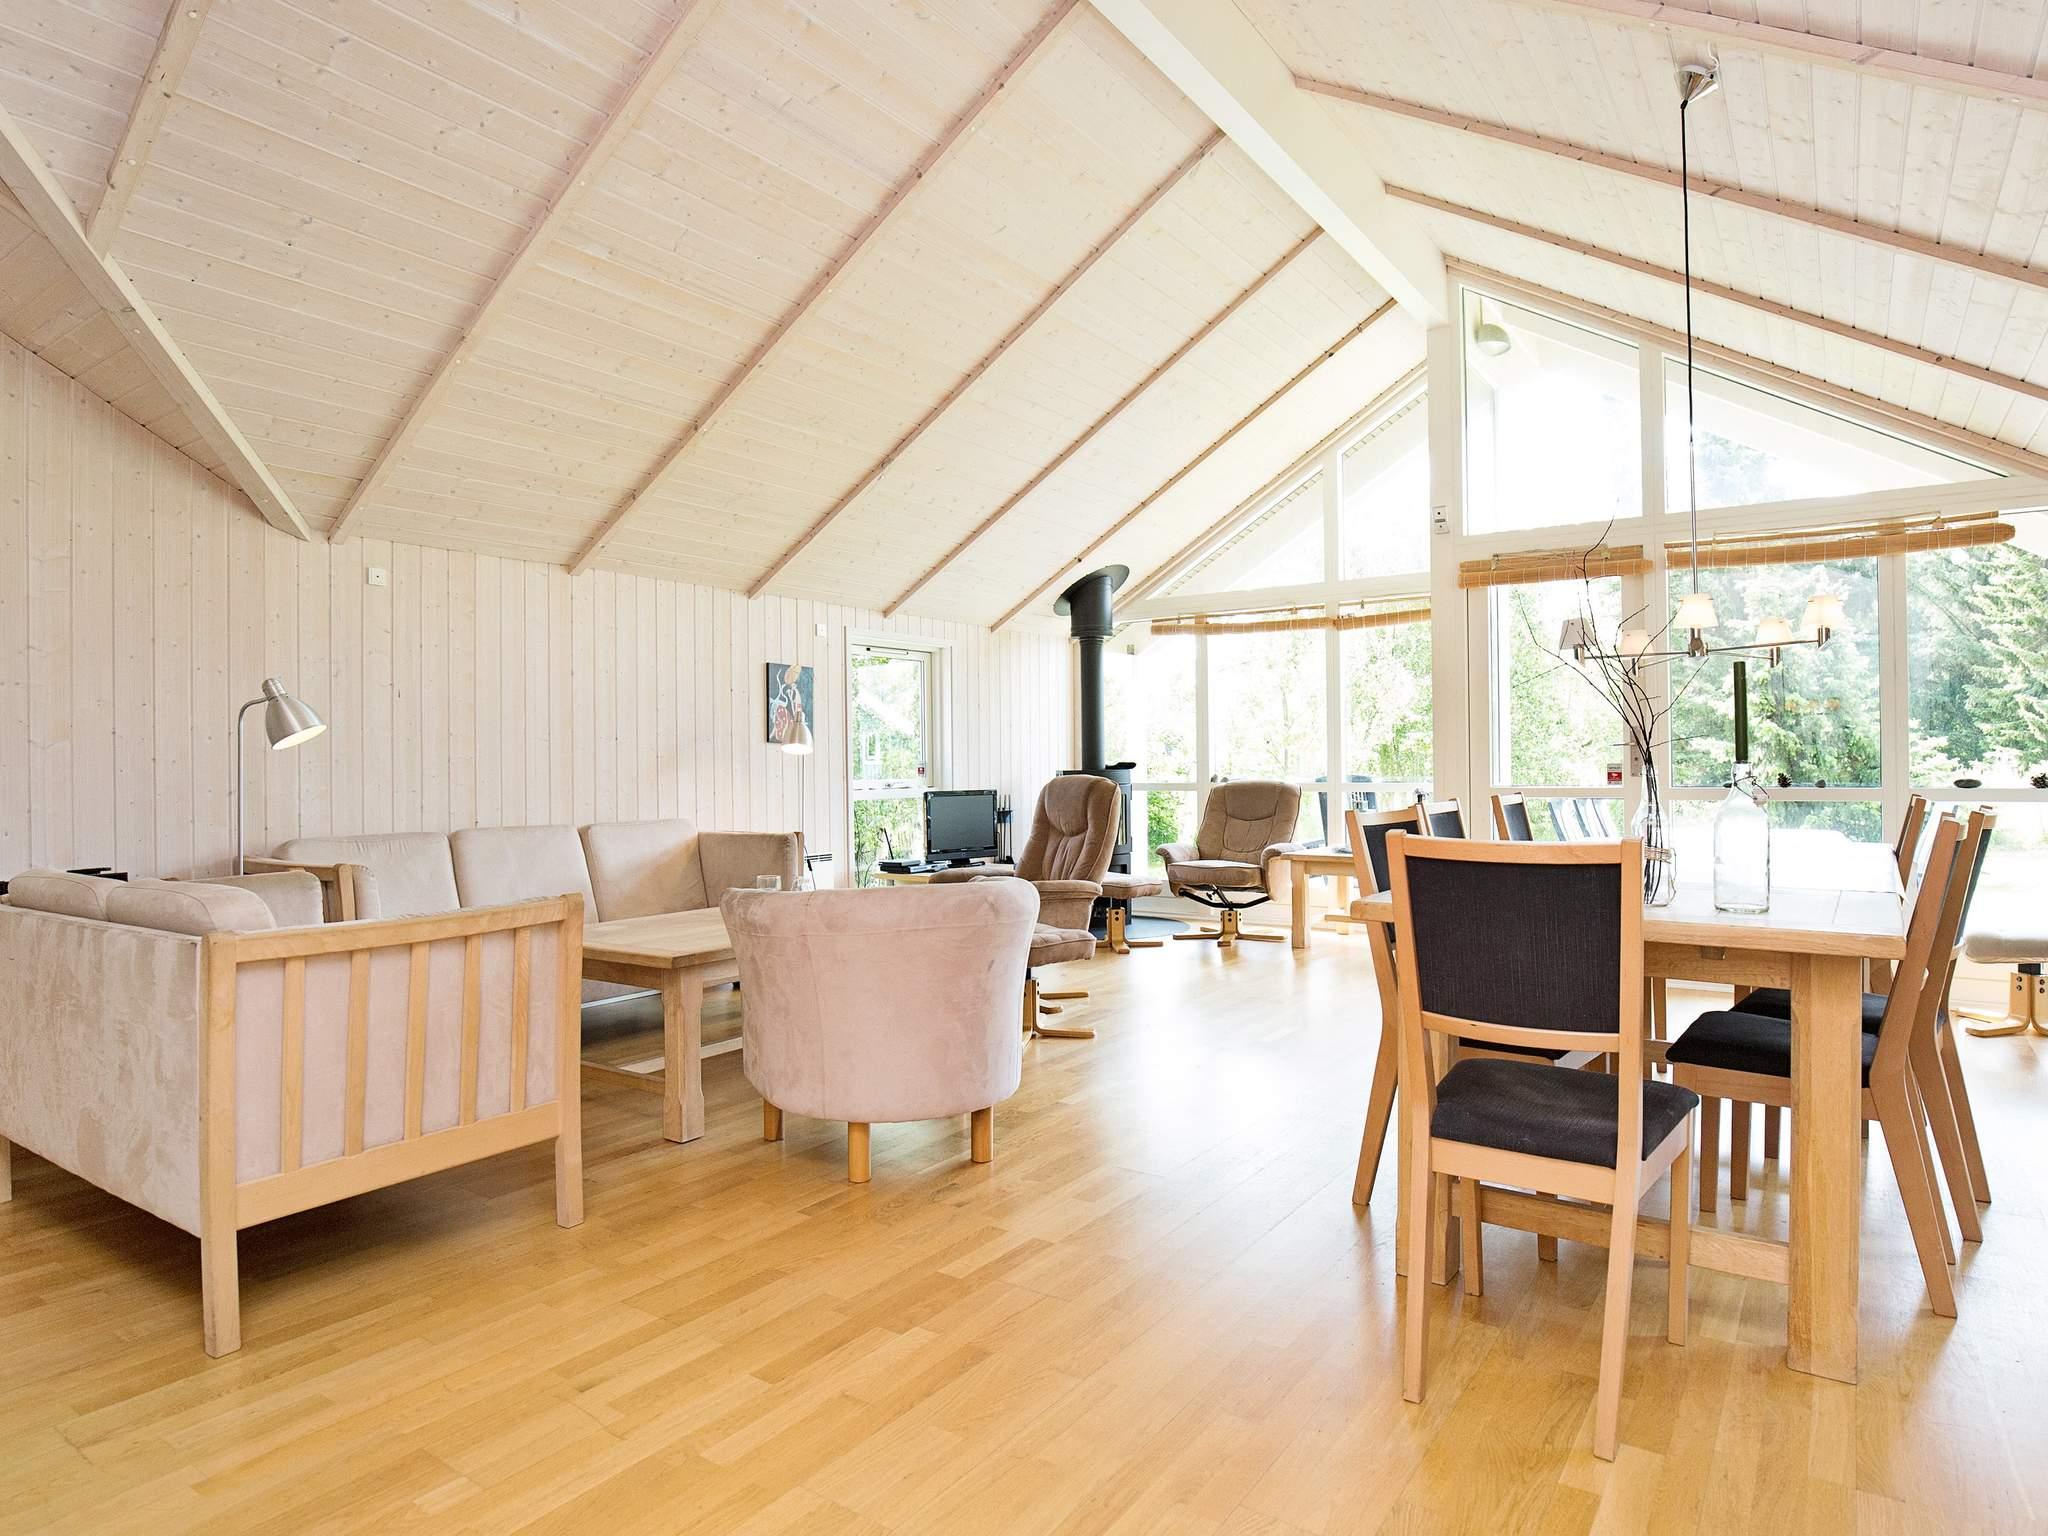 Ferienhaus Veddinge Bakker (216923), Asnæs, , Westseeland, Dänemark, Bild 2